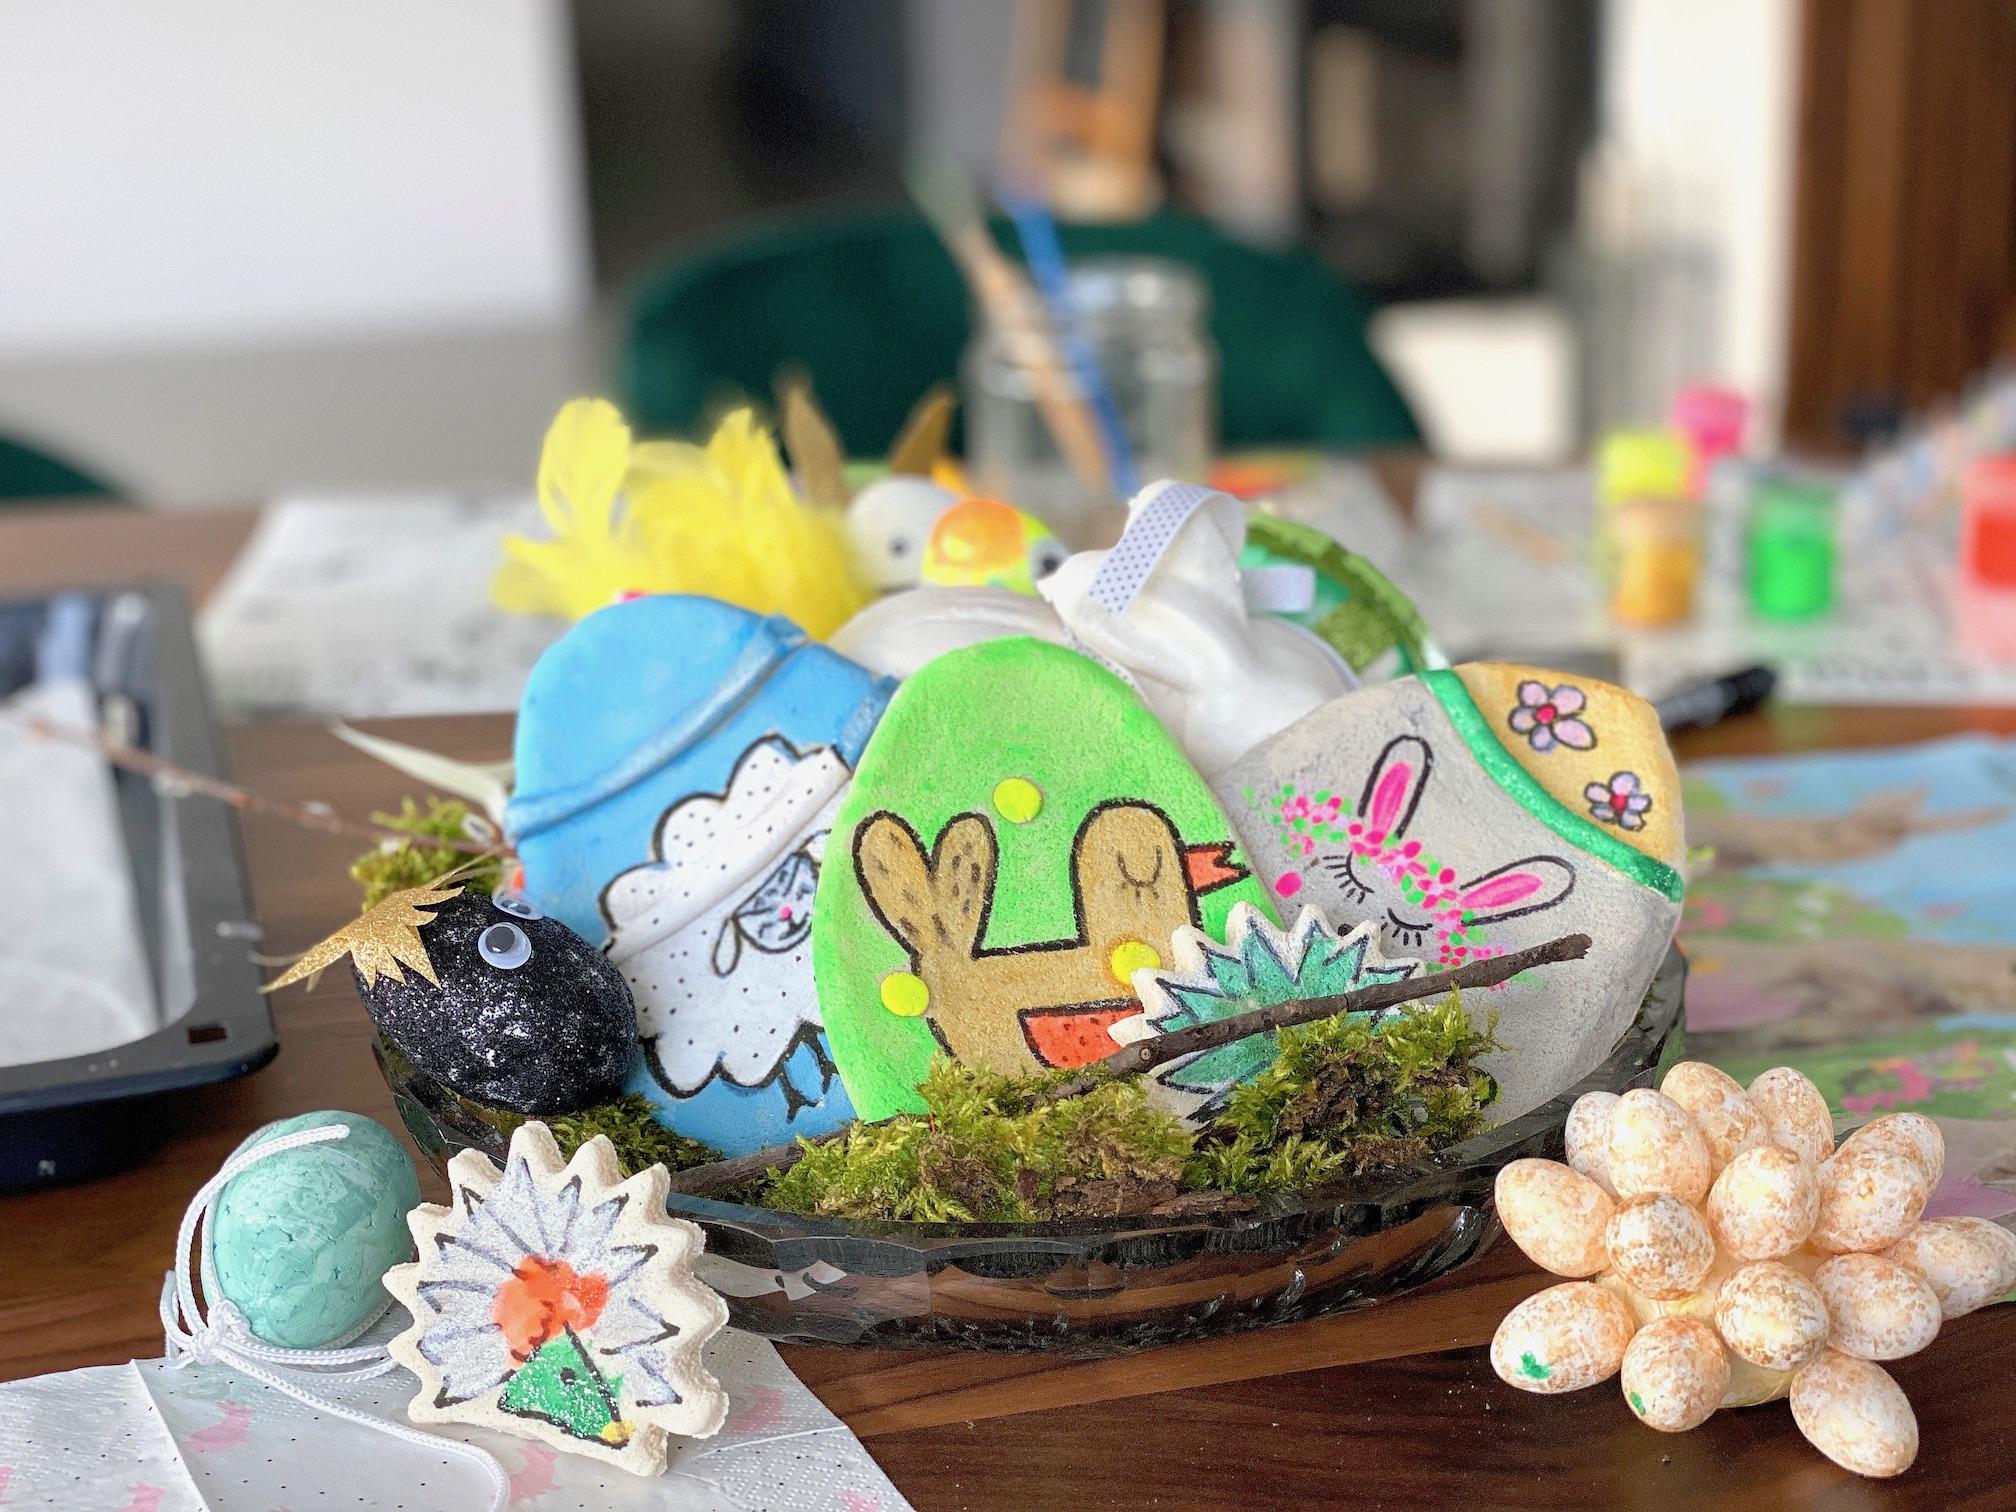 Wielkanocne dekoracje DIY, czyli proste, a efektowne i to bez wychodzenia z domu